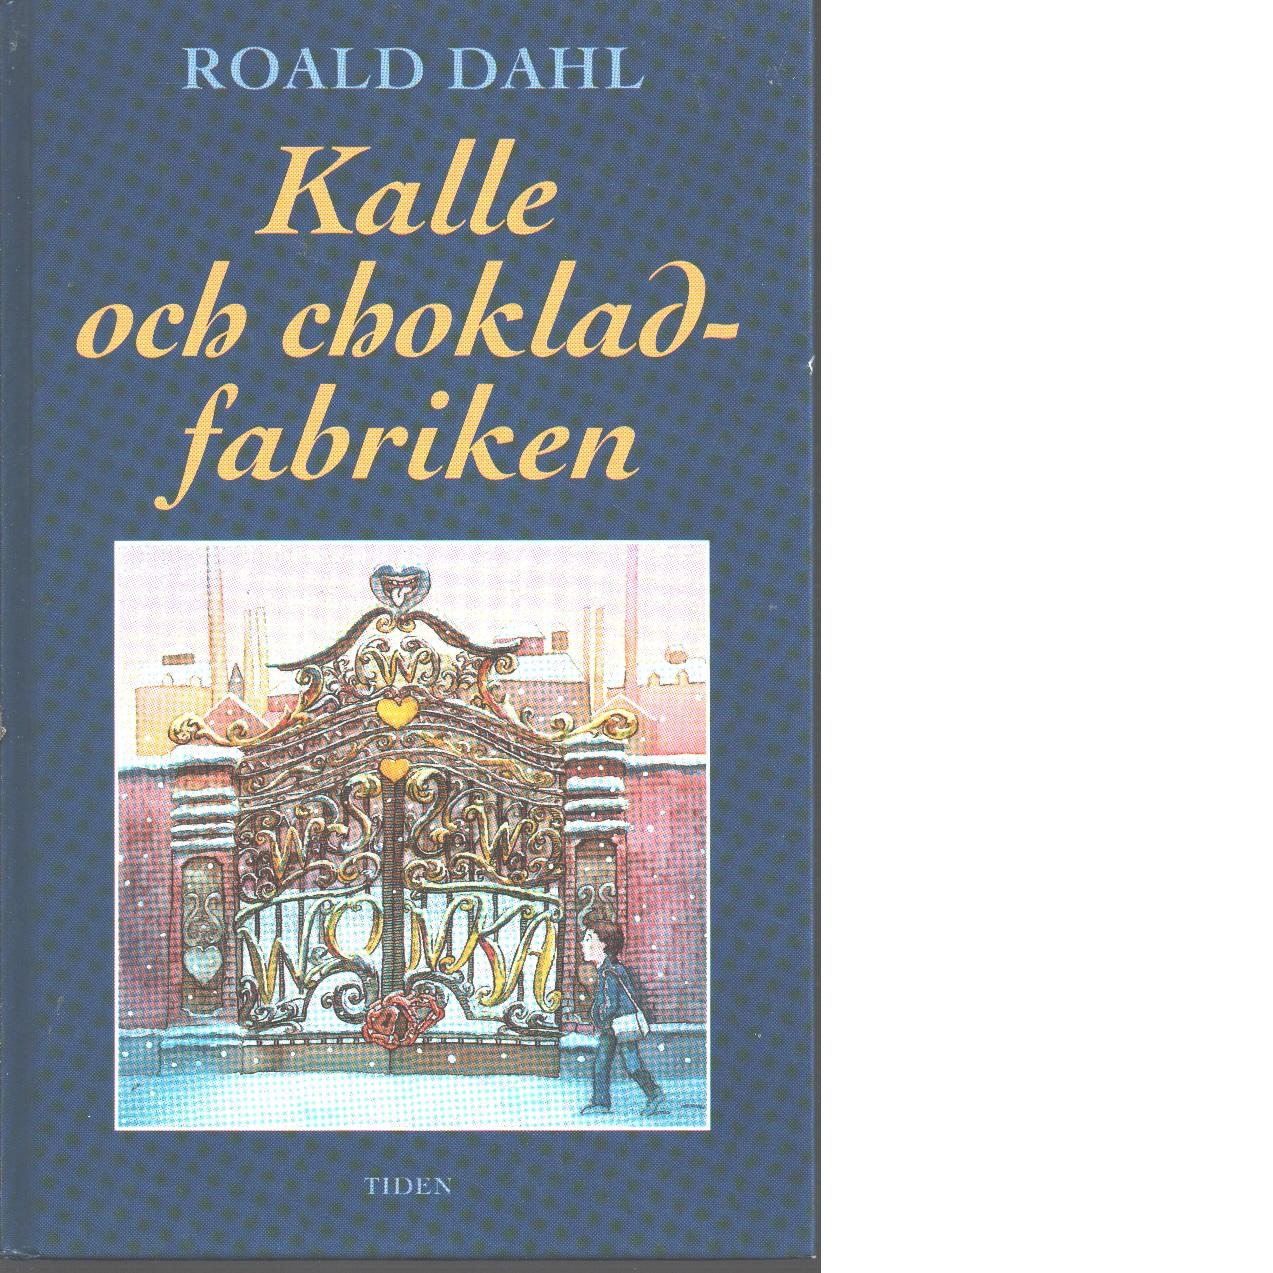 Kalle och chokladfabriken - Dahl, Roald